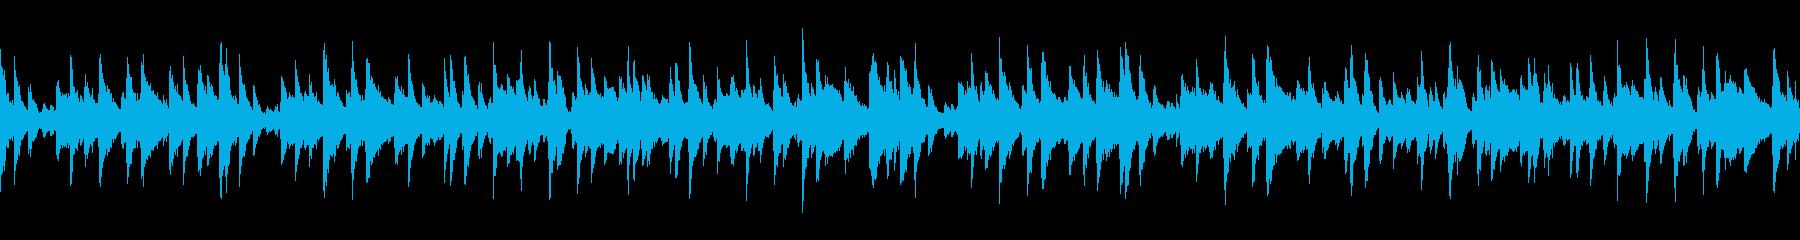 展覧会の絵・お洒落カフェ風ピアノポップの再生済みの波形